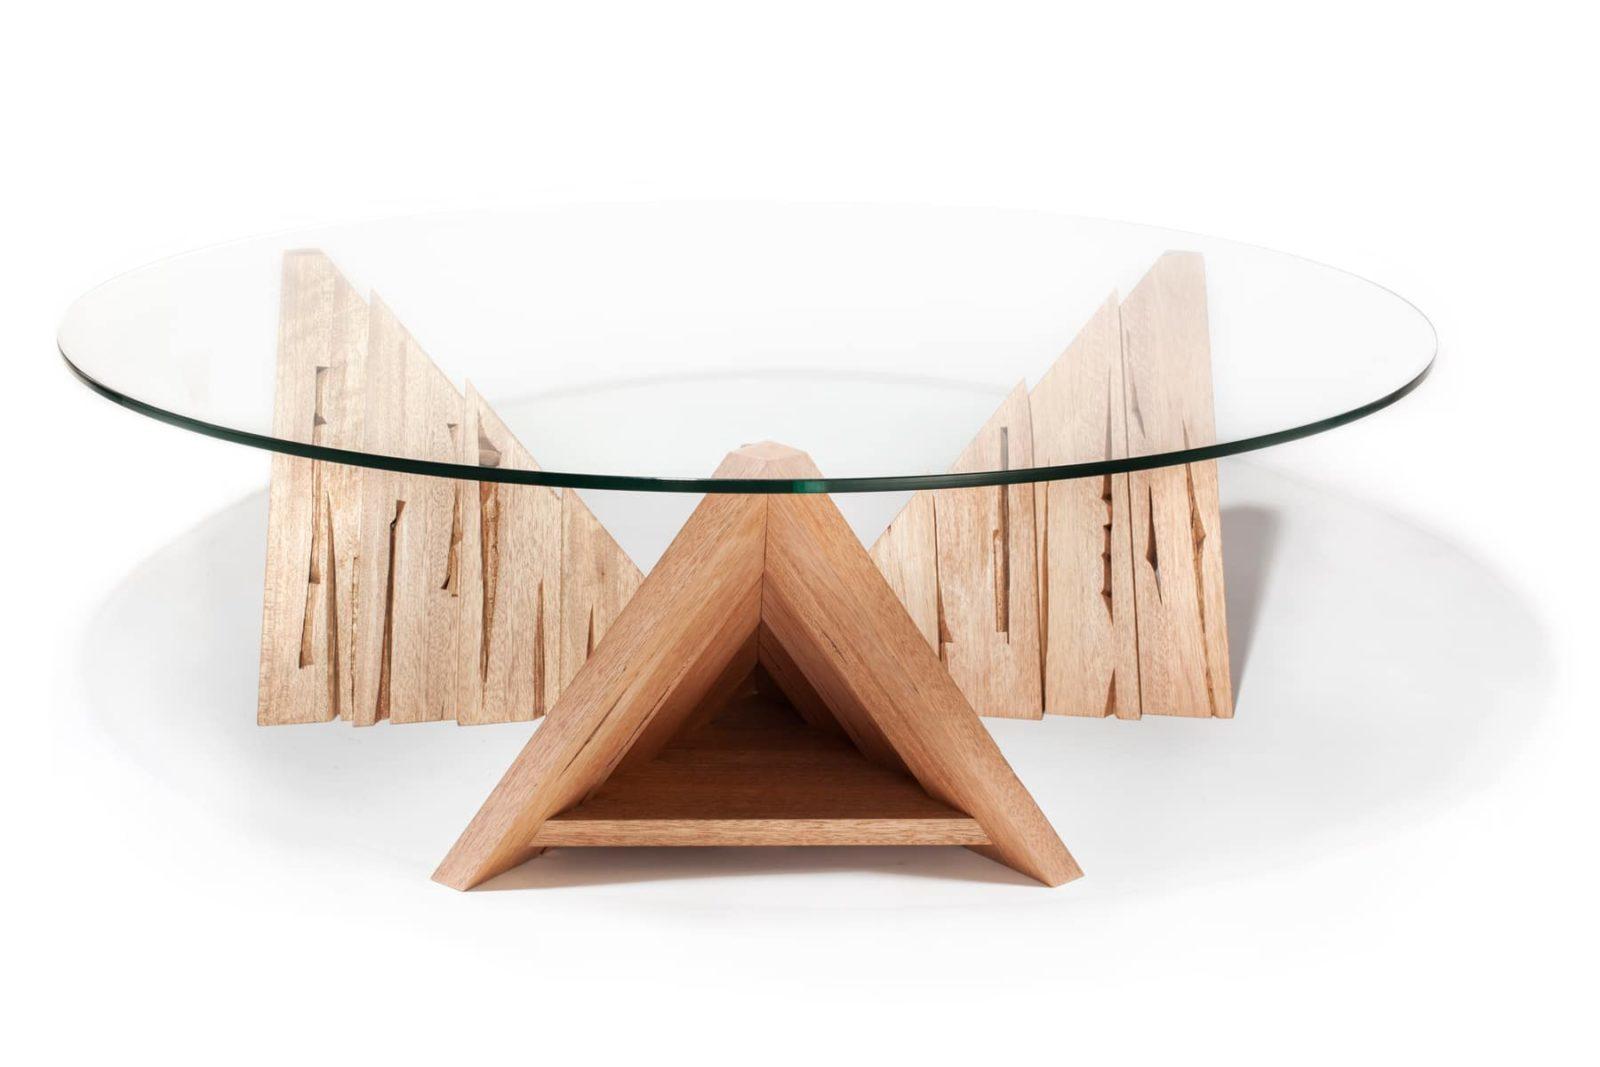 Sirope-proyectos-tuomas kuure-pieza1_3-estudio-agencia-creativa-branding